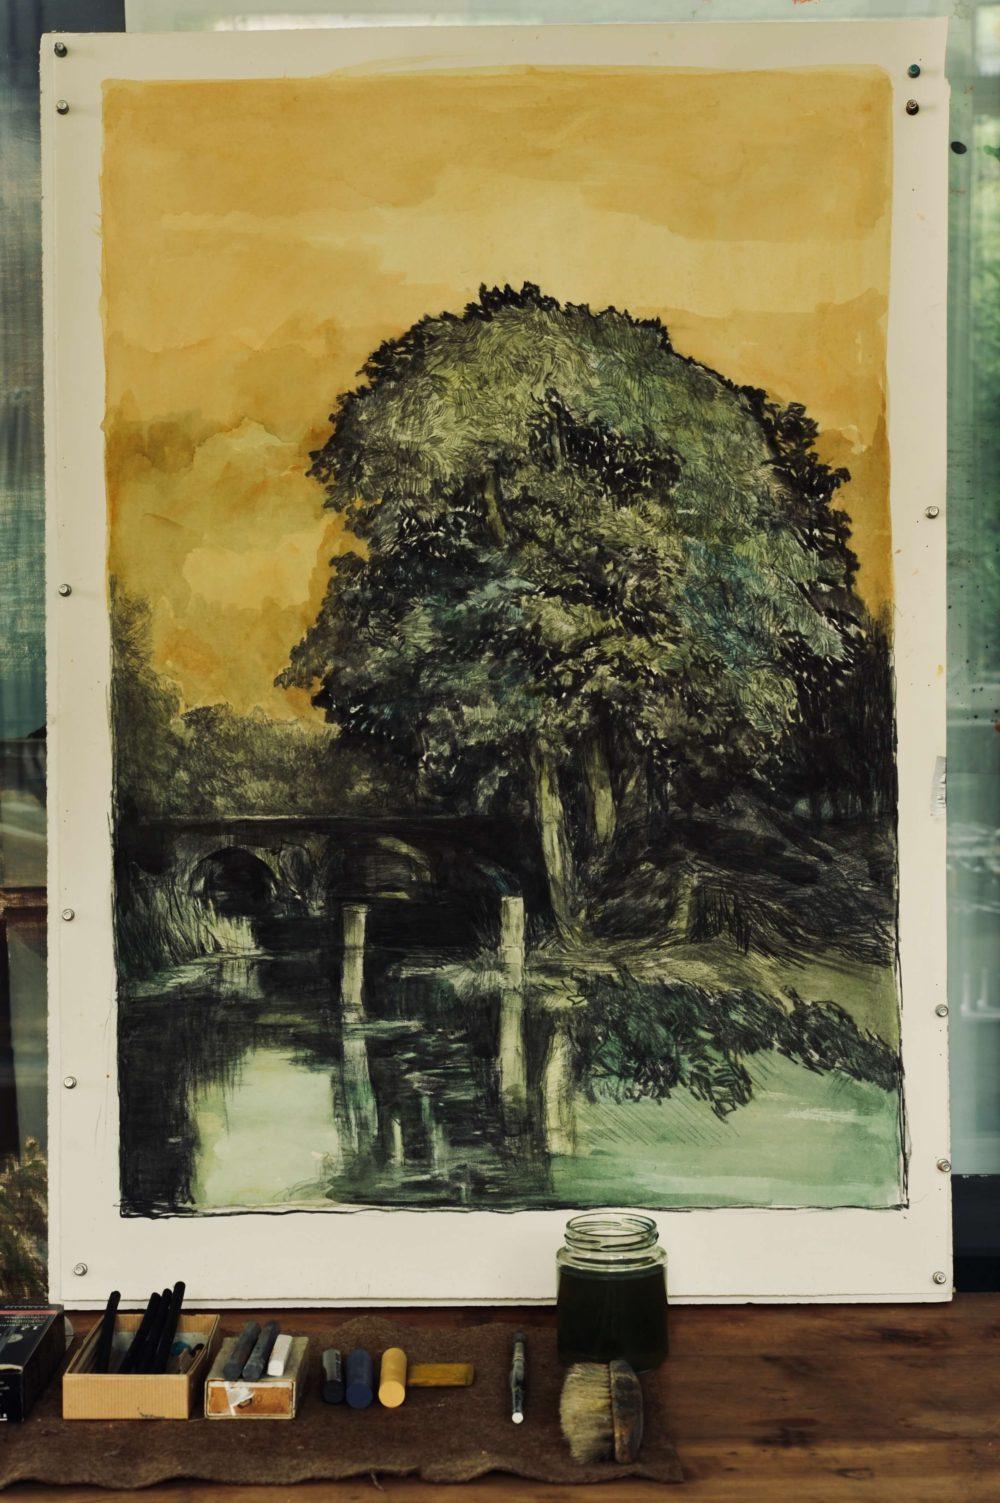 Bleistift Landschaftszeichnungen Ina Riepe 01